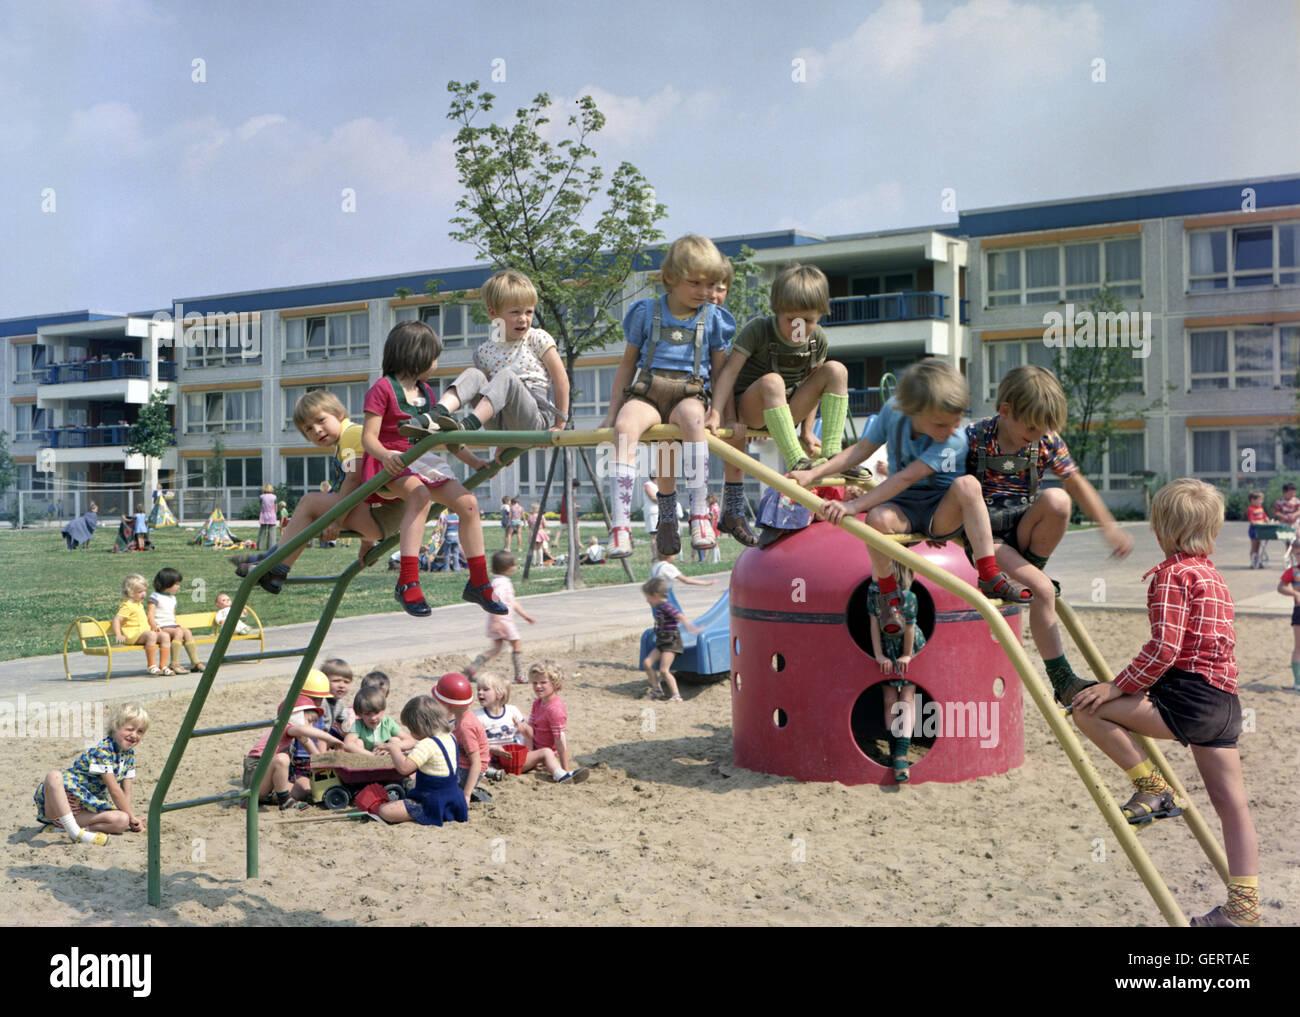 Klettergerüst Ddr : Zeitungskiosk ddr decades east germany cold war